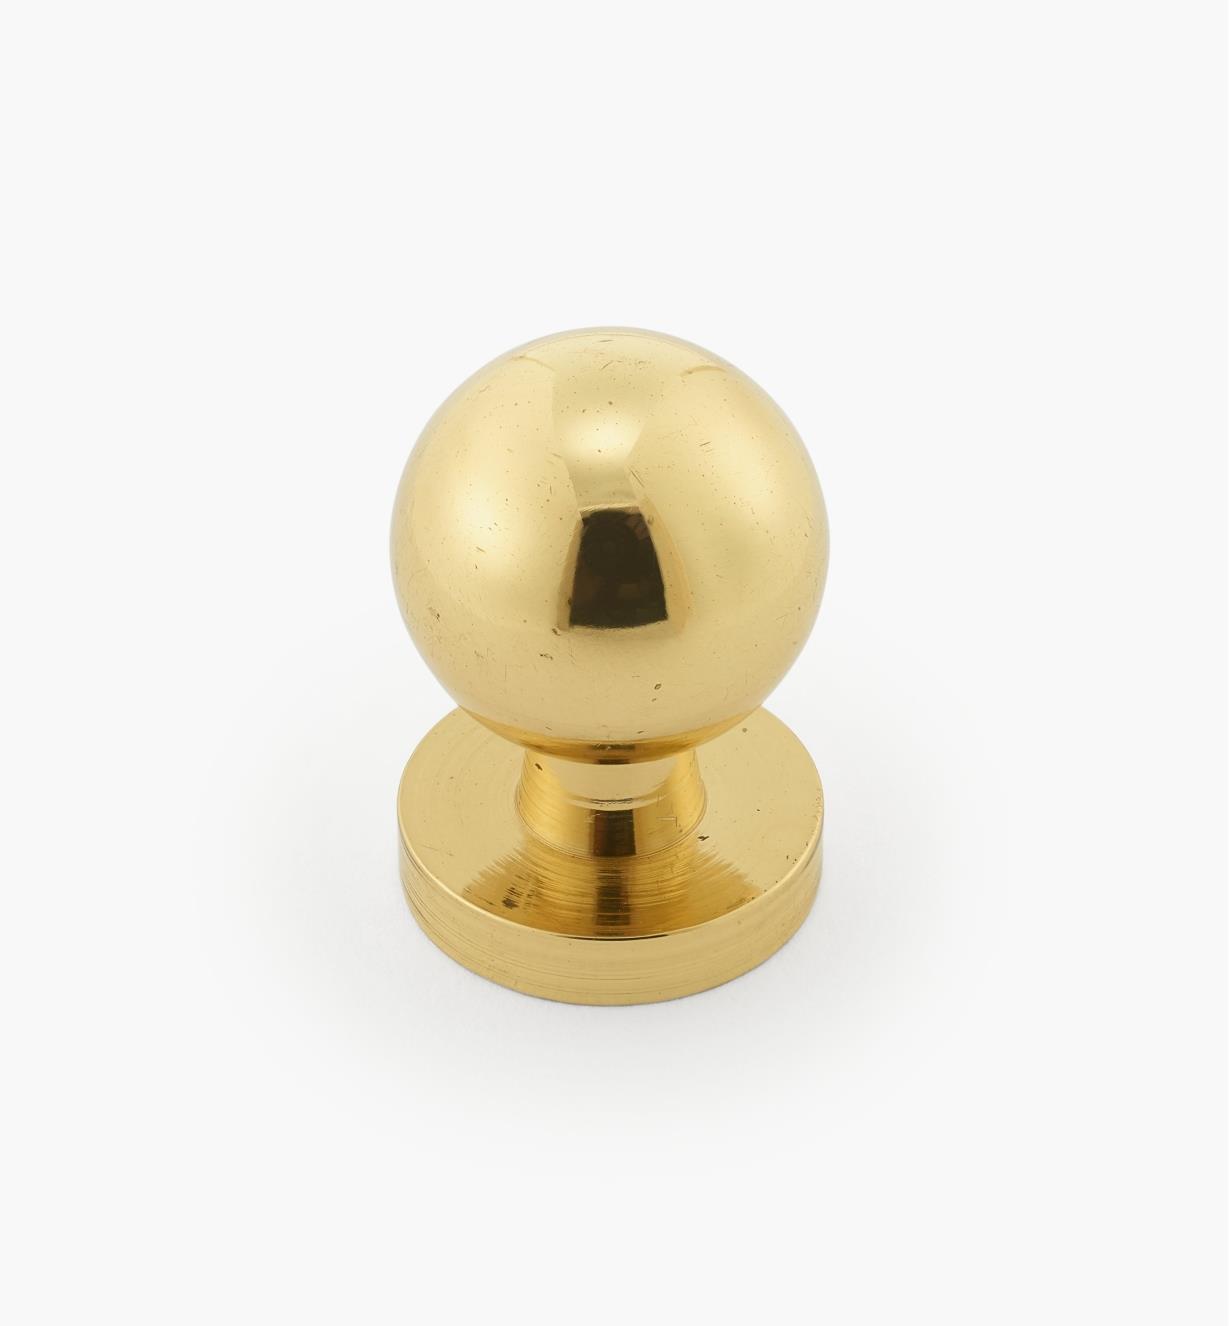 00W5101 - Bouton classique en laiton I à rosace intégrée, 5/8 po x 7/8 po